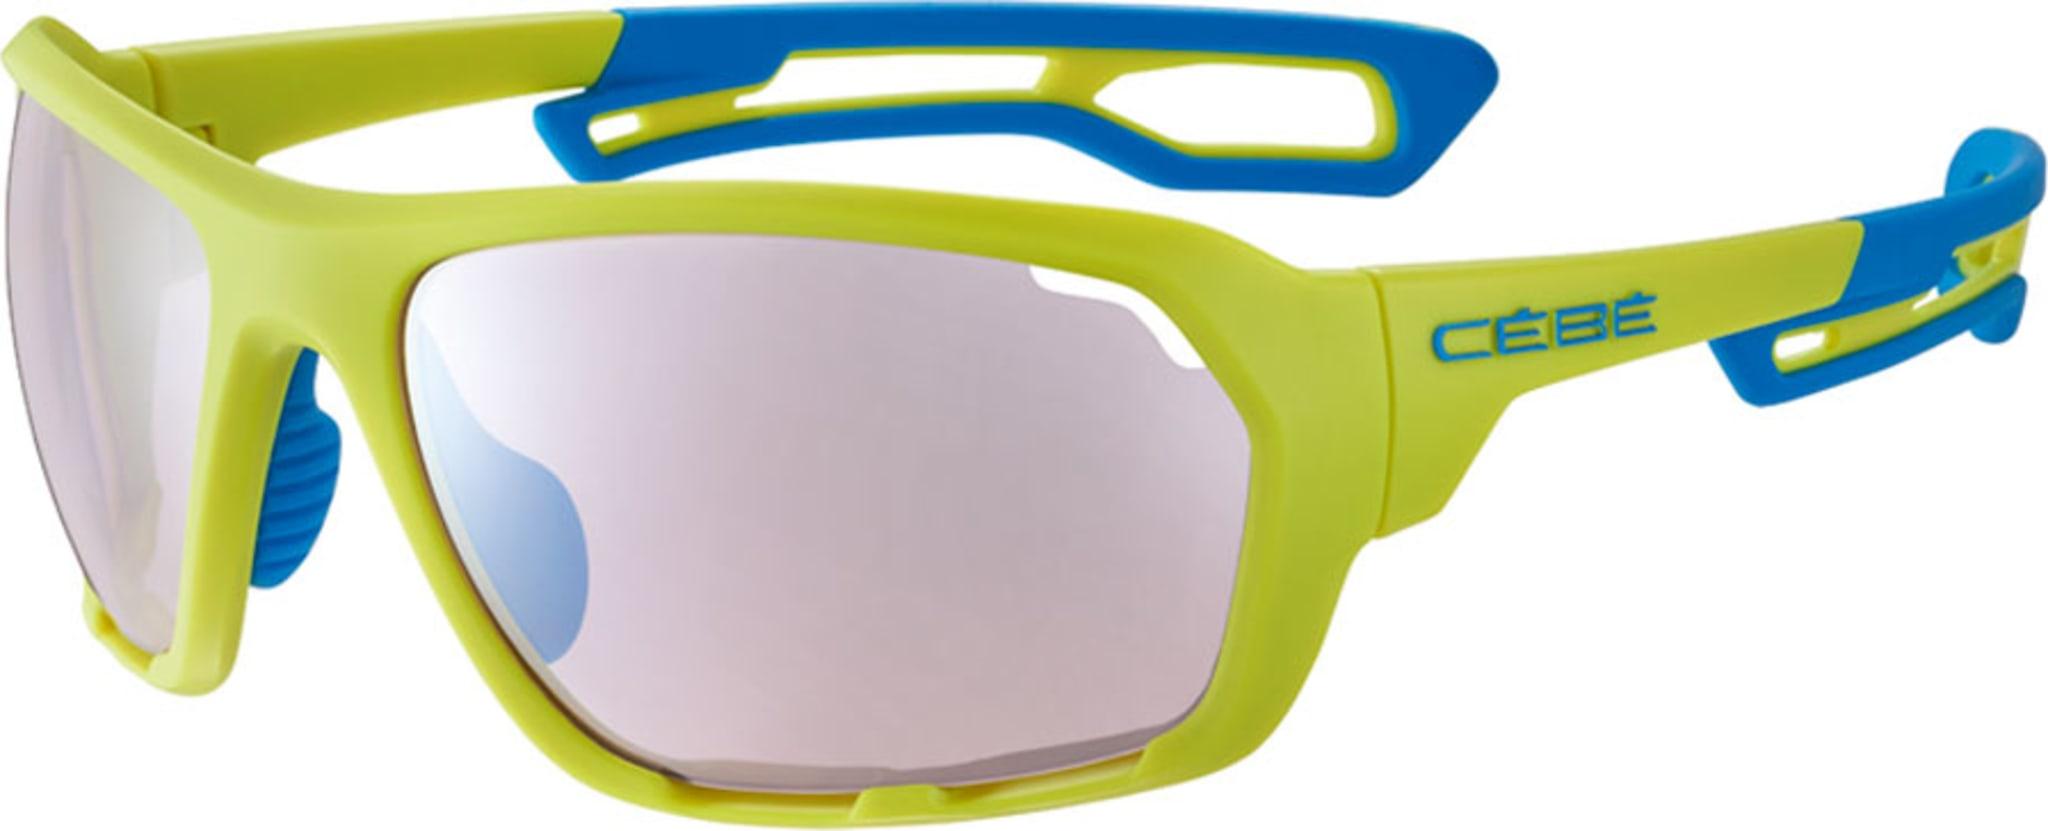 Sportsbrille med overlegen passform